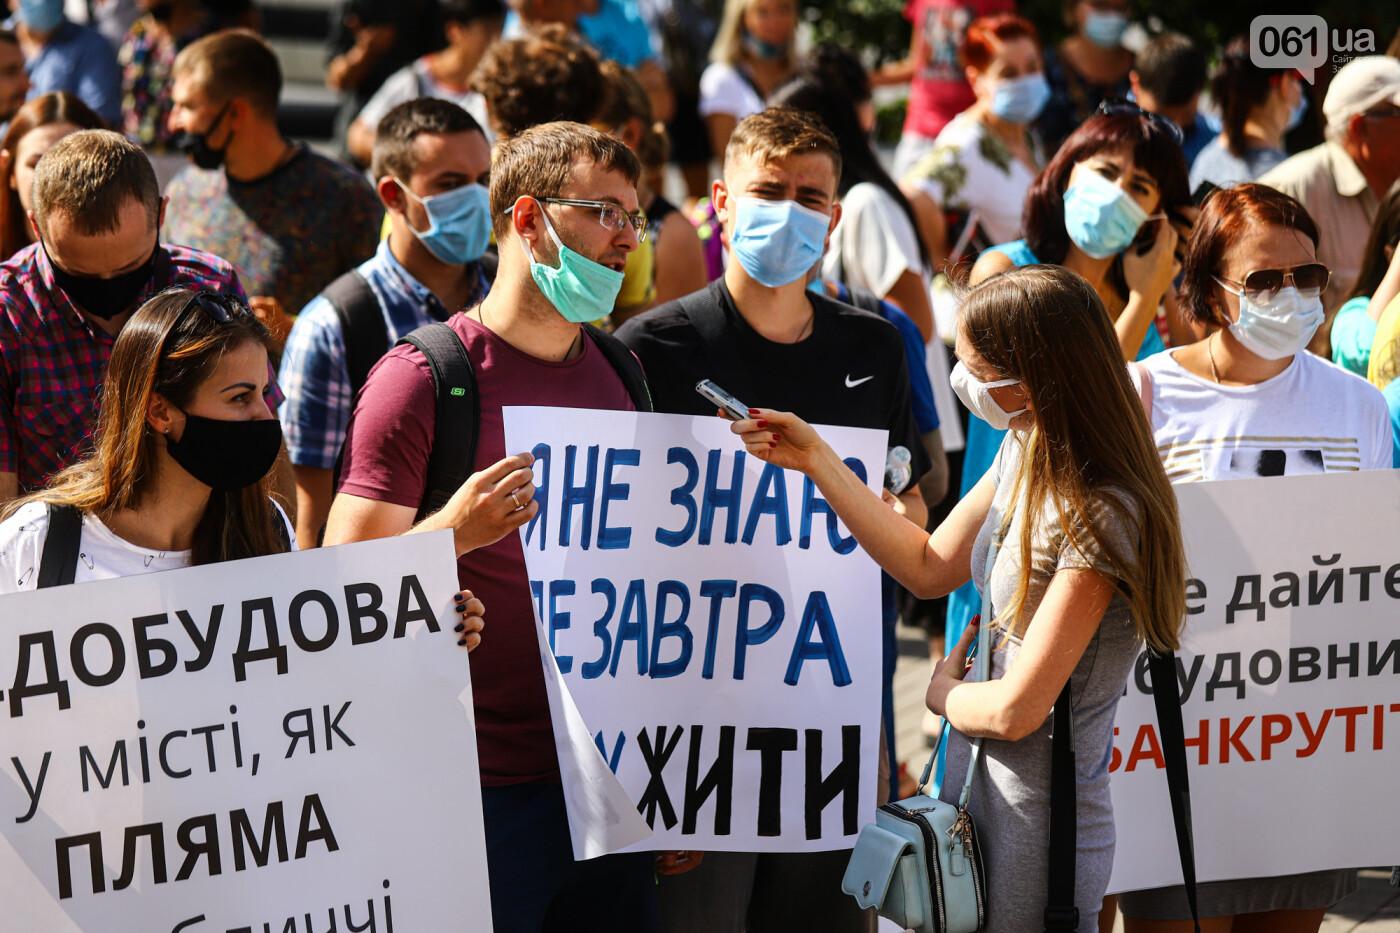 «Я выплачиваю кредит за воздух»: жильцы недостроенных многоэтажек вышли на митинг под стенами мэрии, - ФОТОРЕПОРТАЖ, фото-6